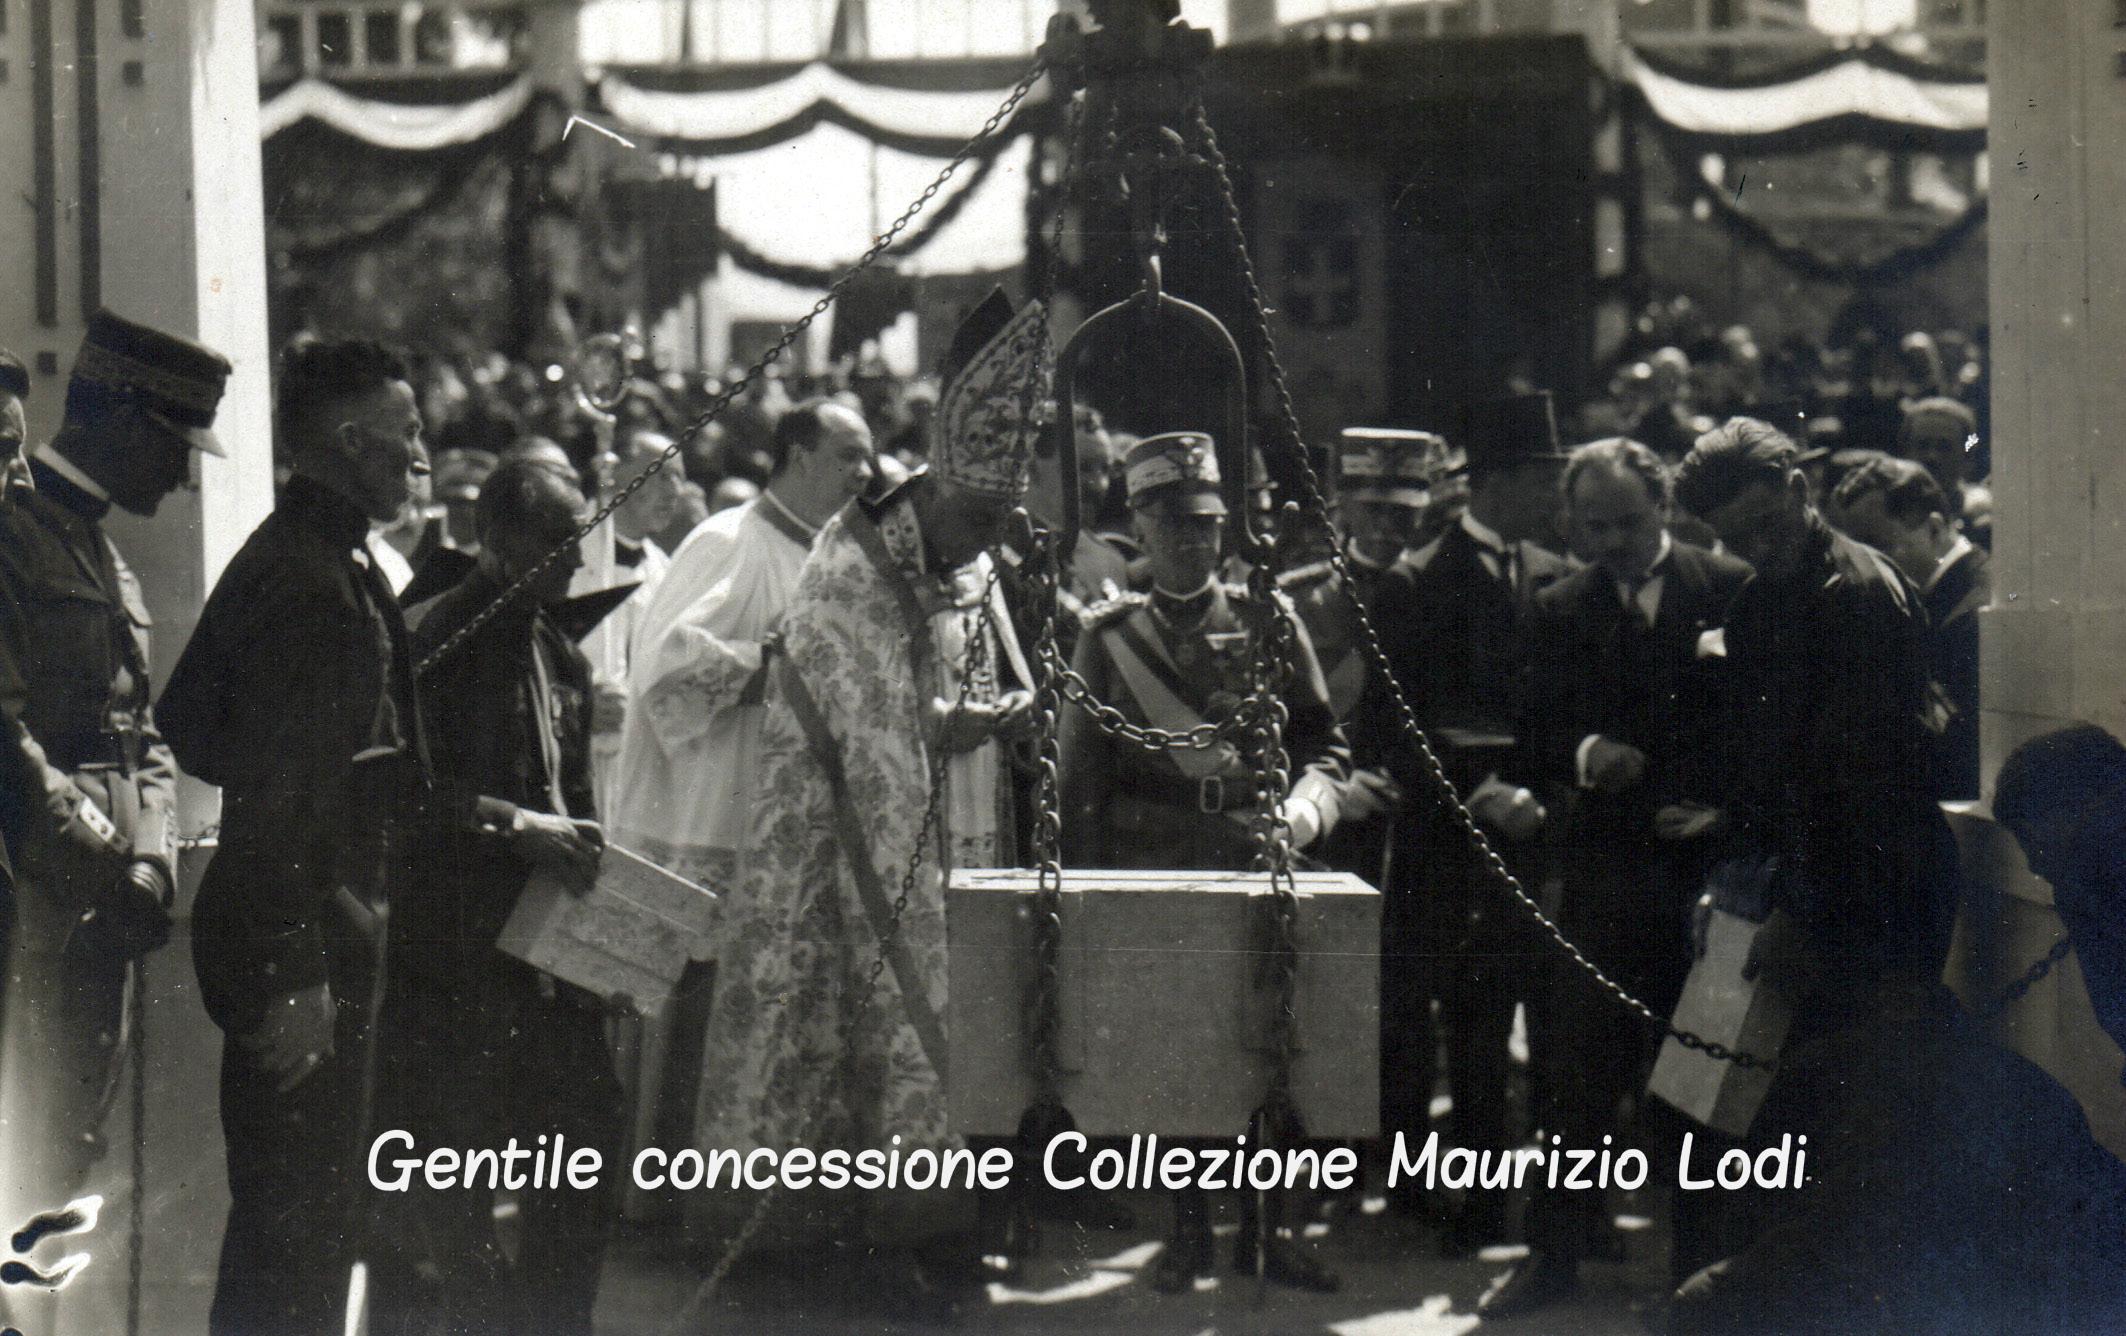 Bolzano 12 luglio 1926 Nel Decimo Anniversario del Martirio di Cesare Battisti e Fabio Filzi S.M. il Re posa la prima pietra del Monumento alla Vittoria (c).jpg